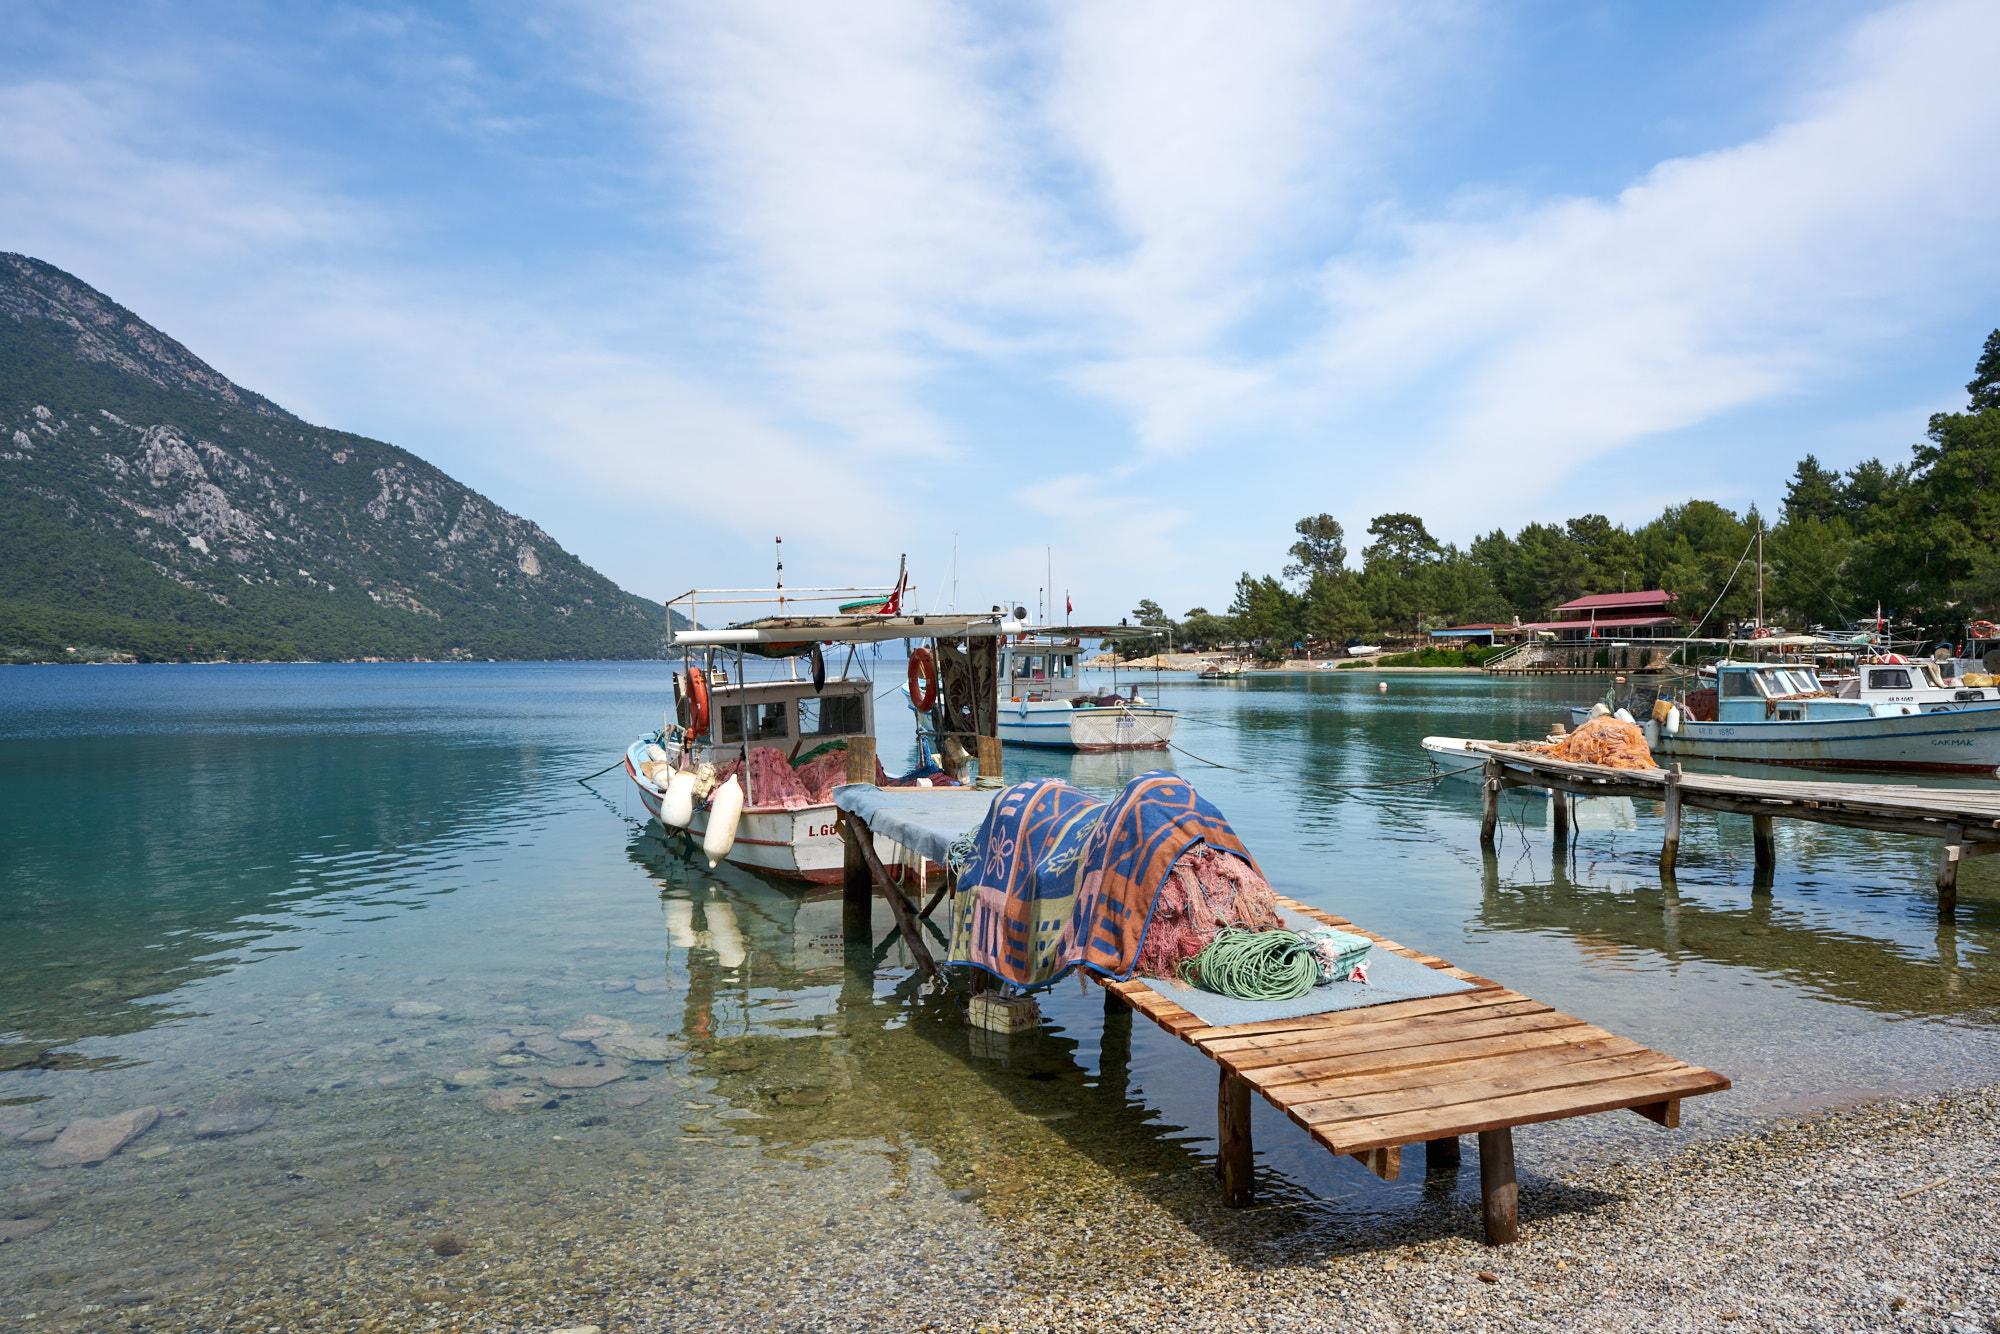 billur saatci, offnegiysem, street style, turkish style blogger, garentailekeşfet, garenta, akyaka, keşif, seyahat, akyaka rehberi, gökova, akbük